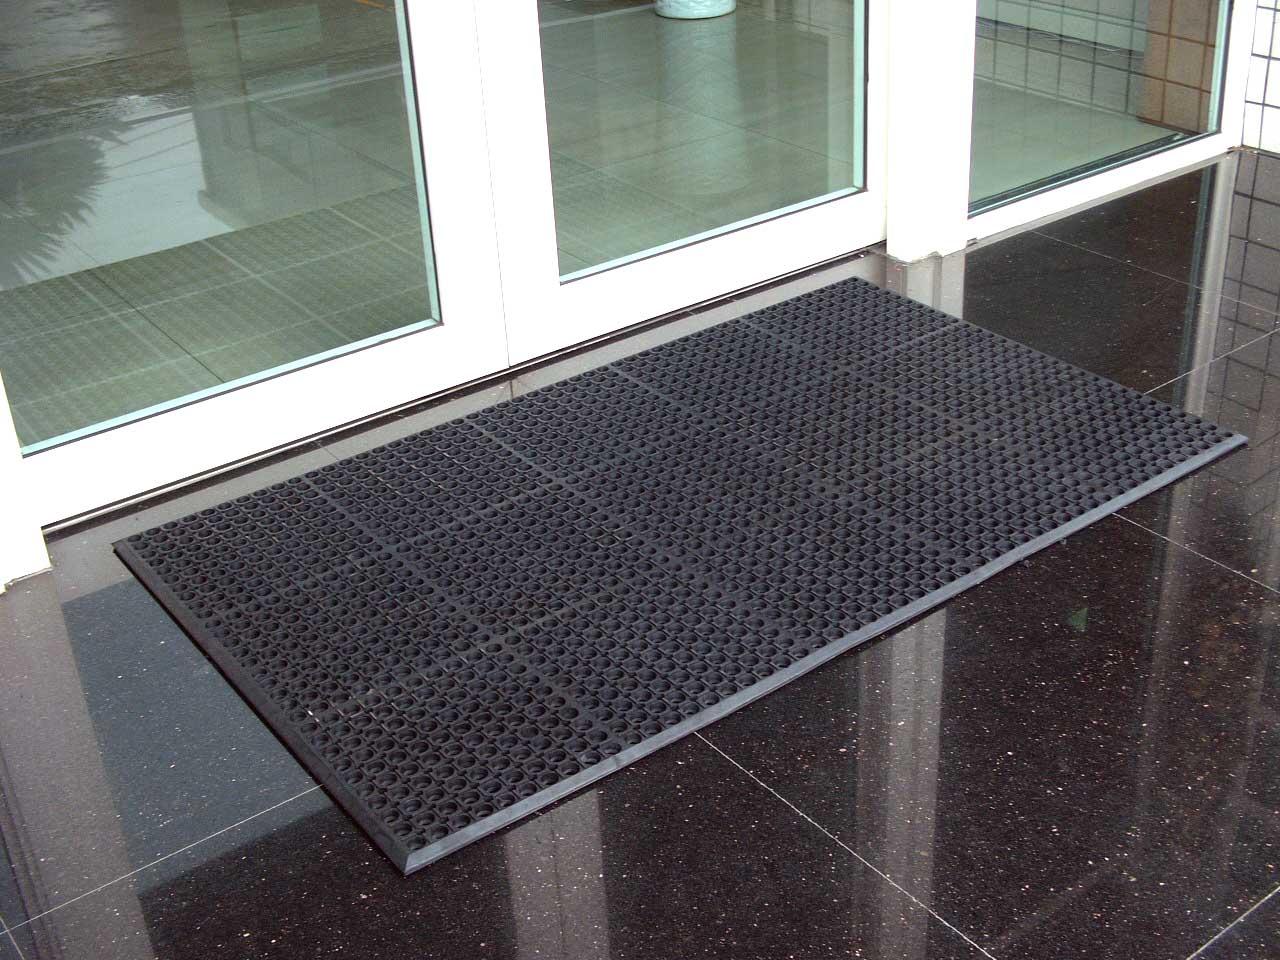 Industrial Rubber Flooring Tiles Floor Mat Manufacturer